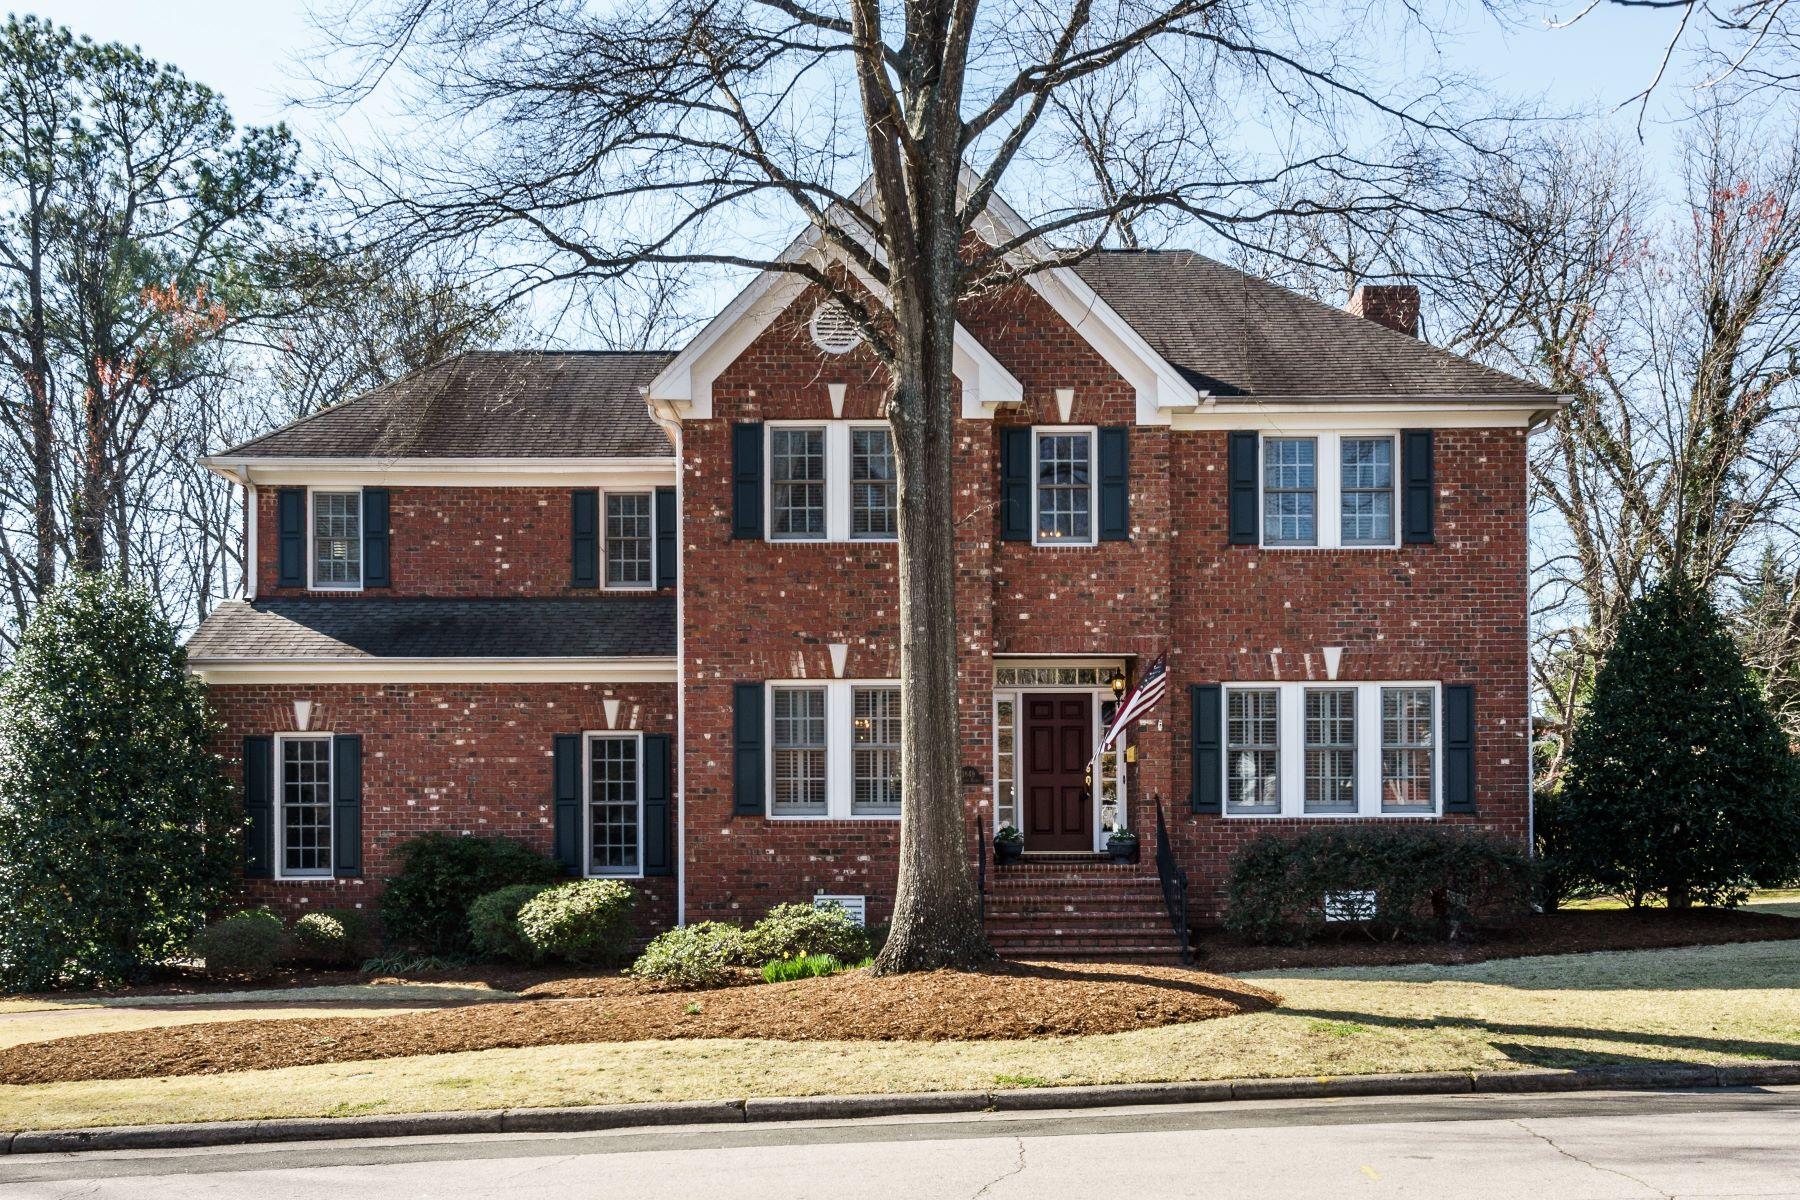 Casa Unifamiliar por un Venta en Coveted Hayes Barton Living 1849 Wilshire Avenue Raleigh, Carolina Del Norte 27608 Estados UnidosEn/Alrededor: Durham, Chapel Hill, Cary